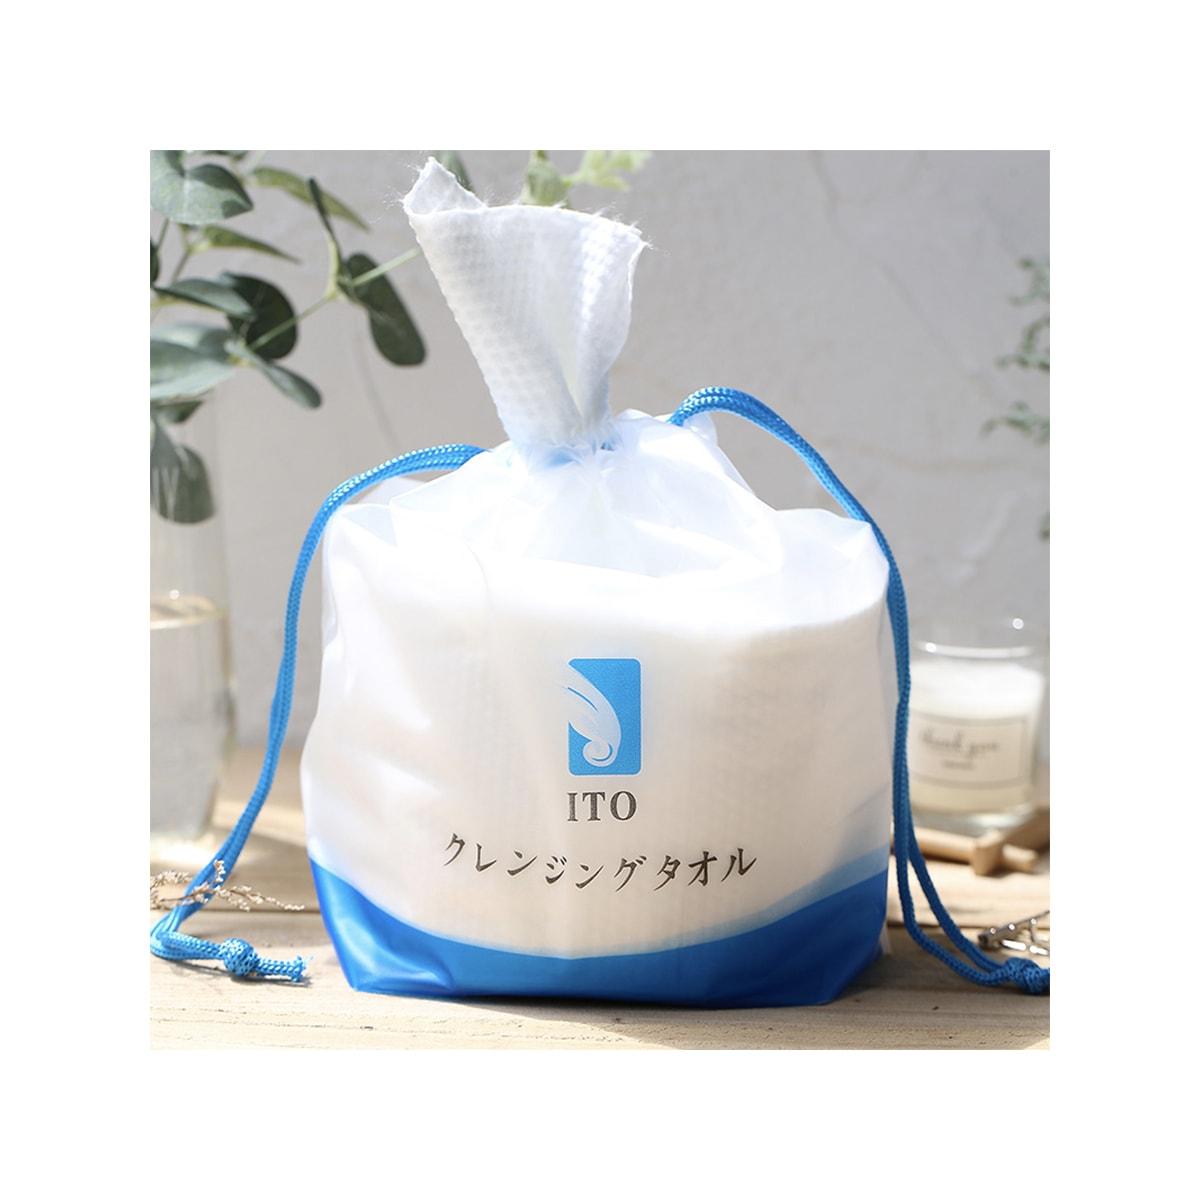 Yamibuy.com:Customer reviews:ITO Face Cotton Towel 80pcs